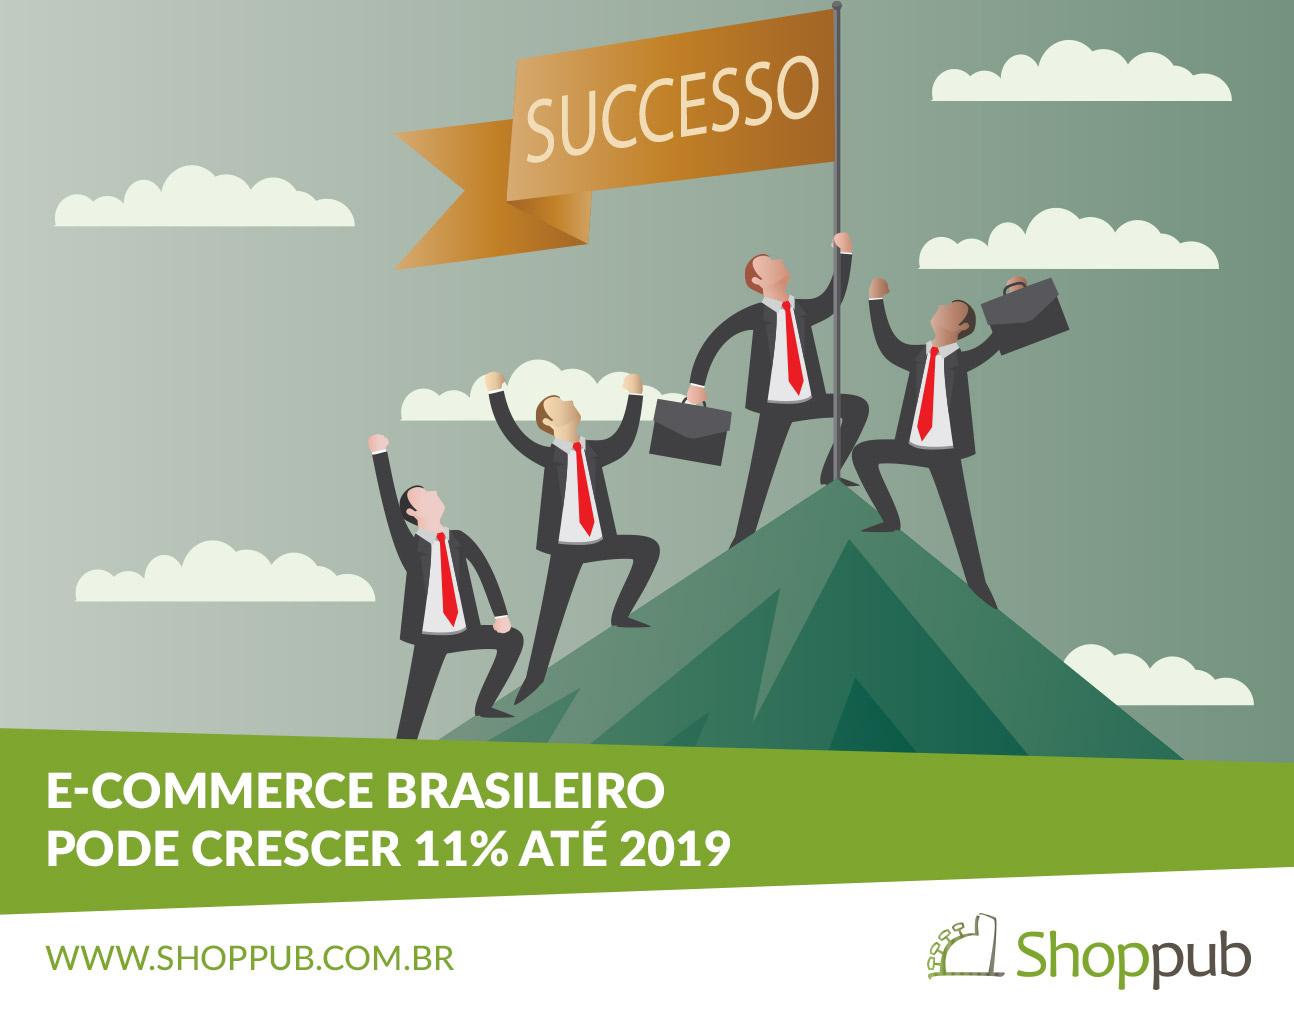 E-commerce Brasileiro pode crescer 11% até 2019